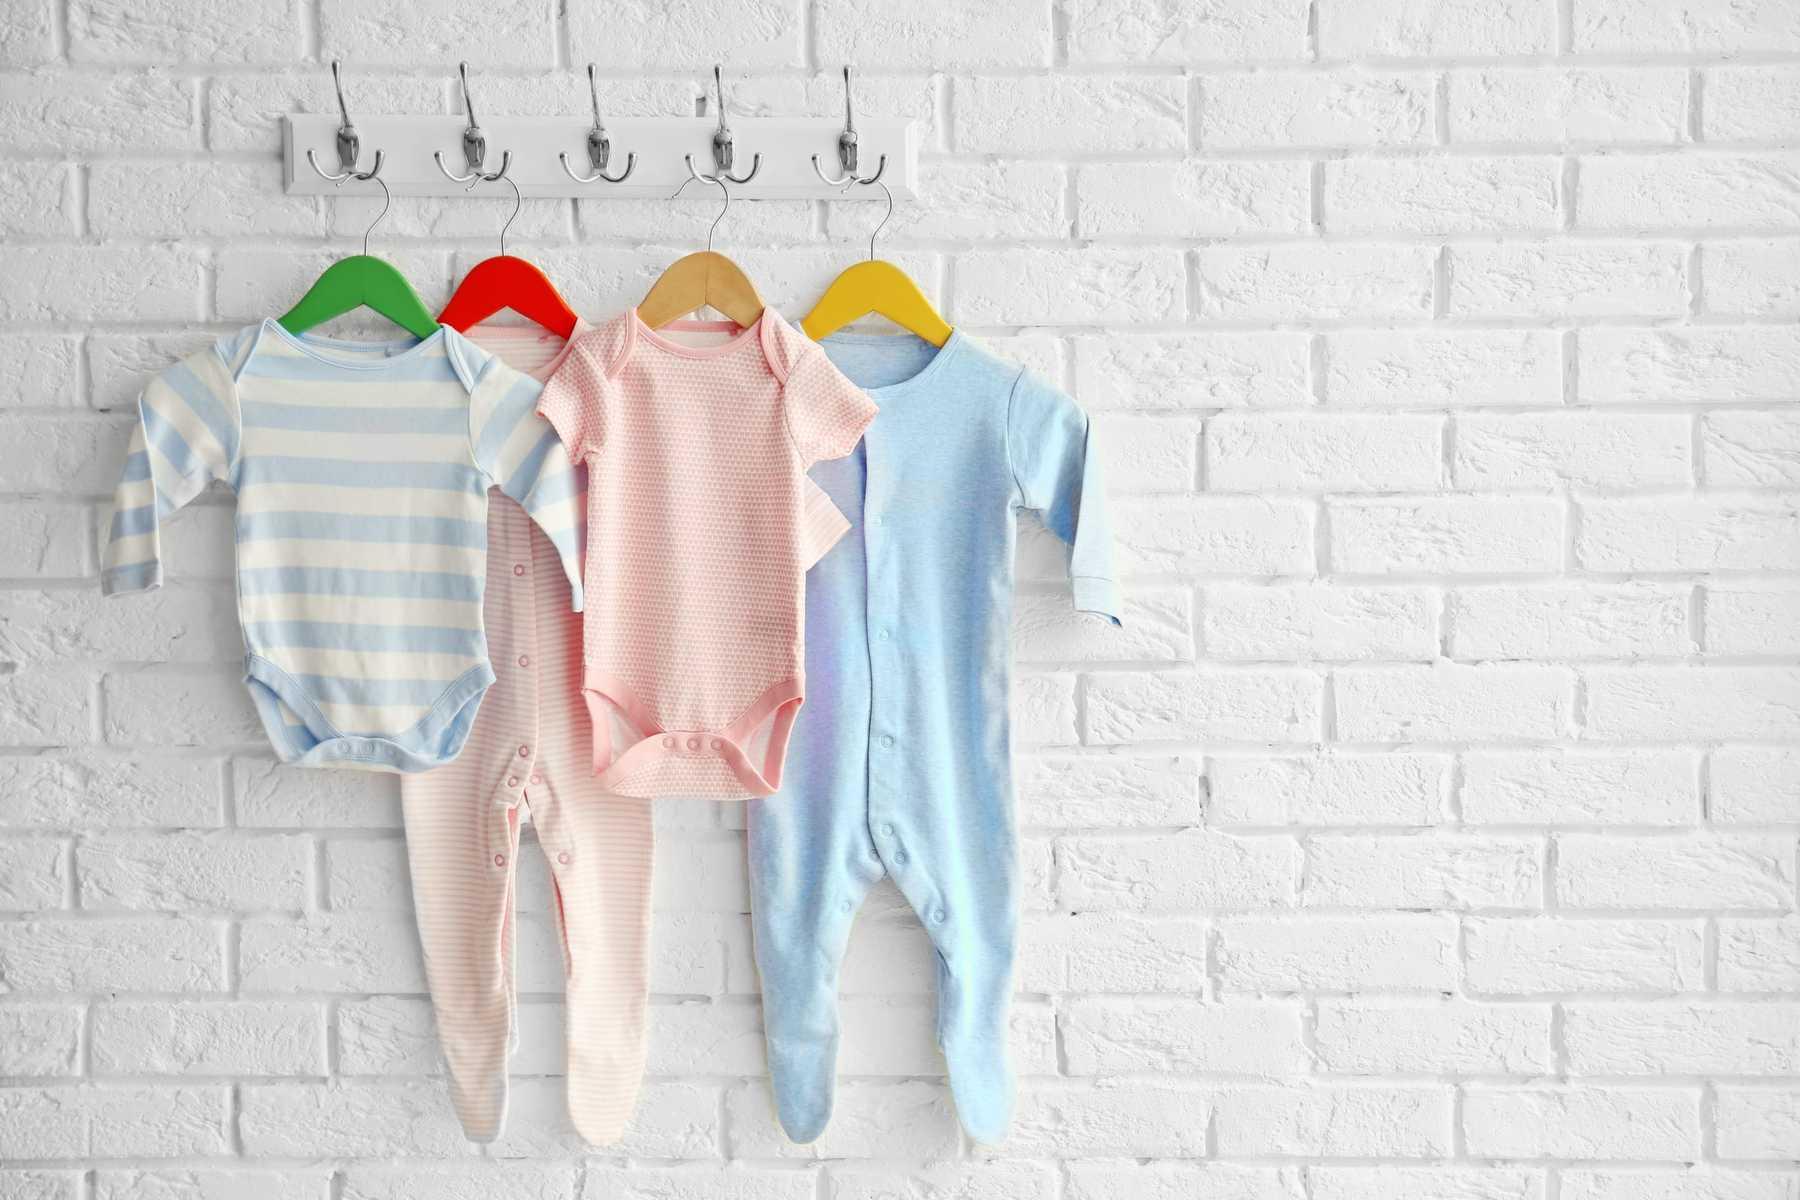 Top 5 loại quần áo gây hại đến sức khỏe của trẻ, phụ huynh nên cẩn thận